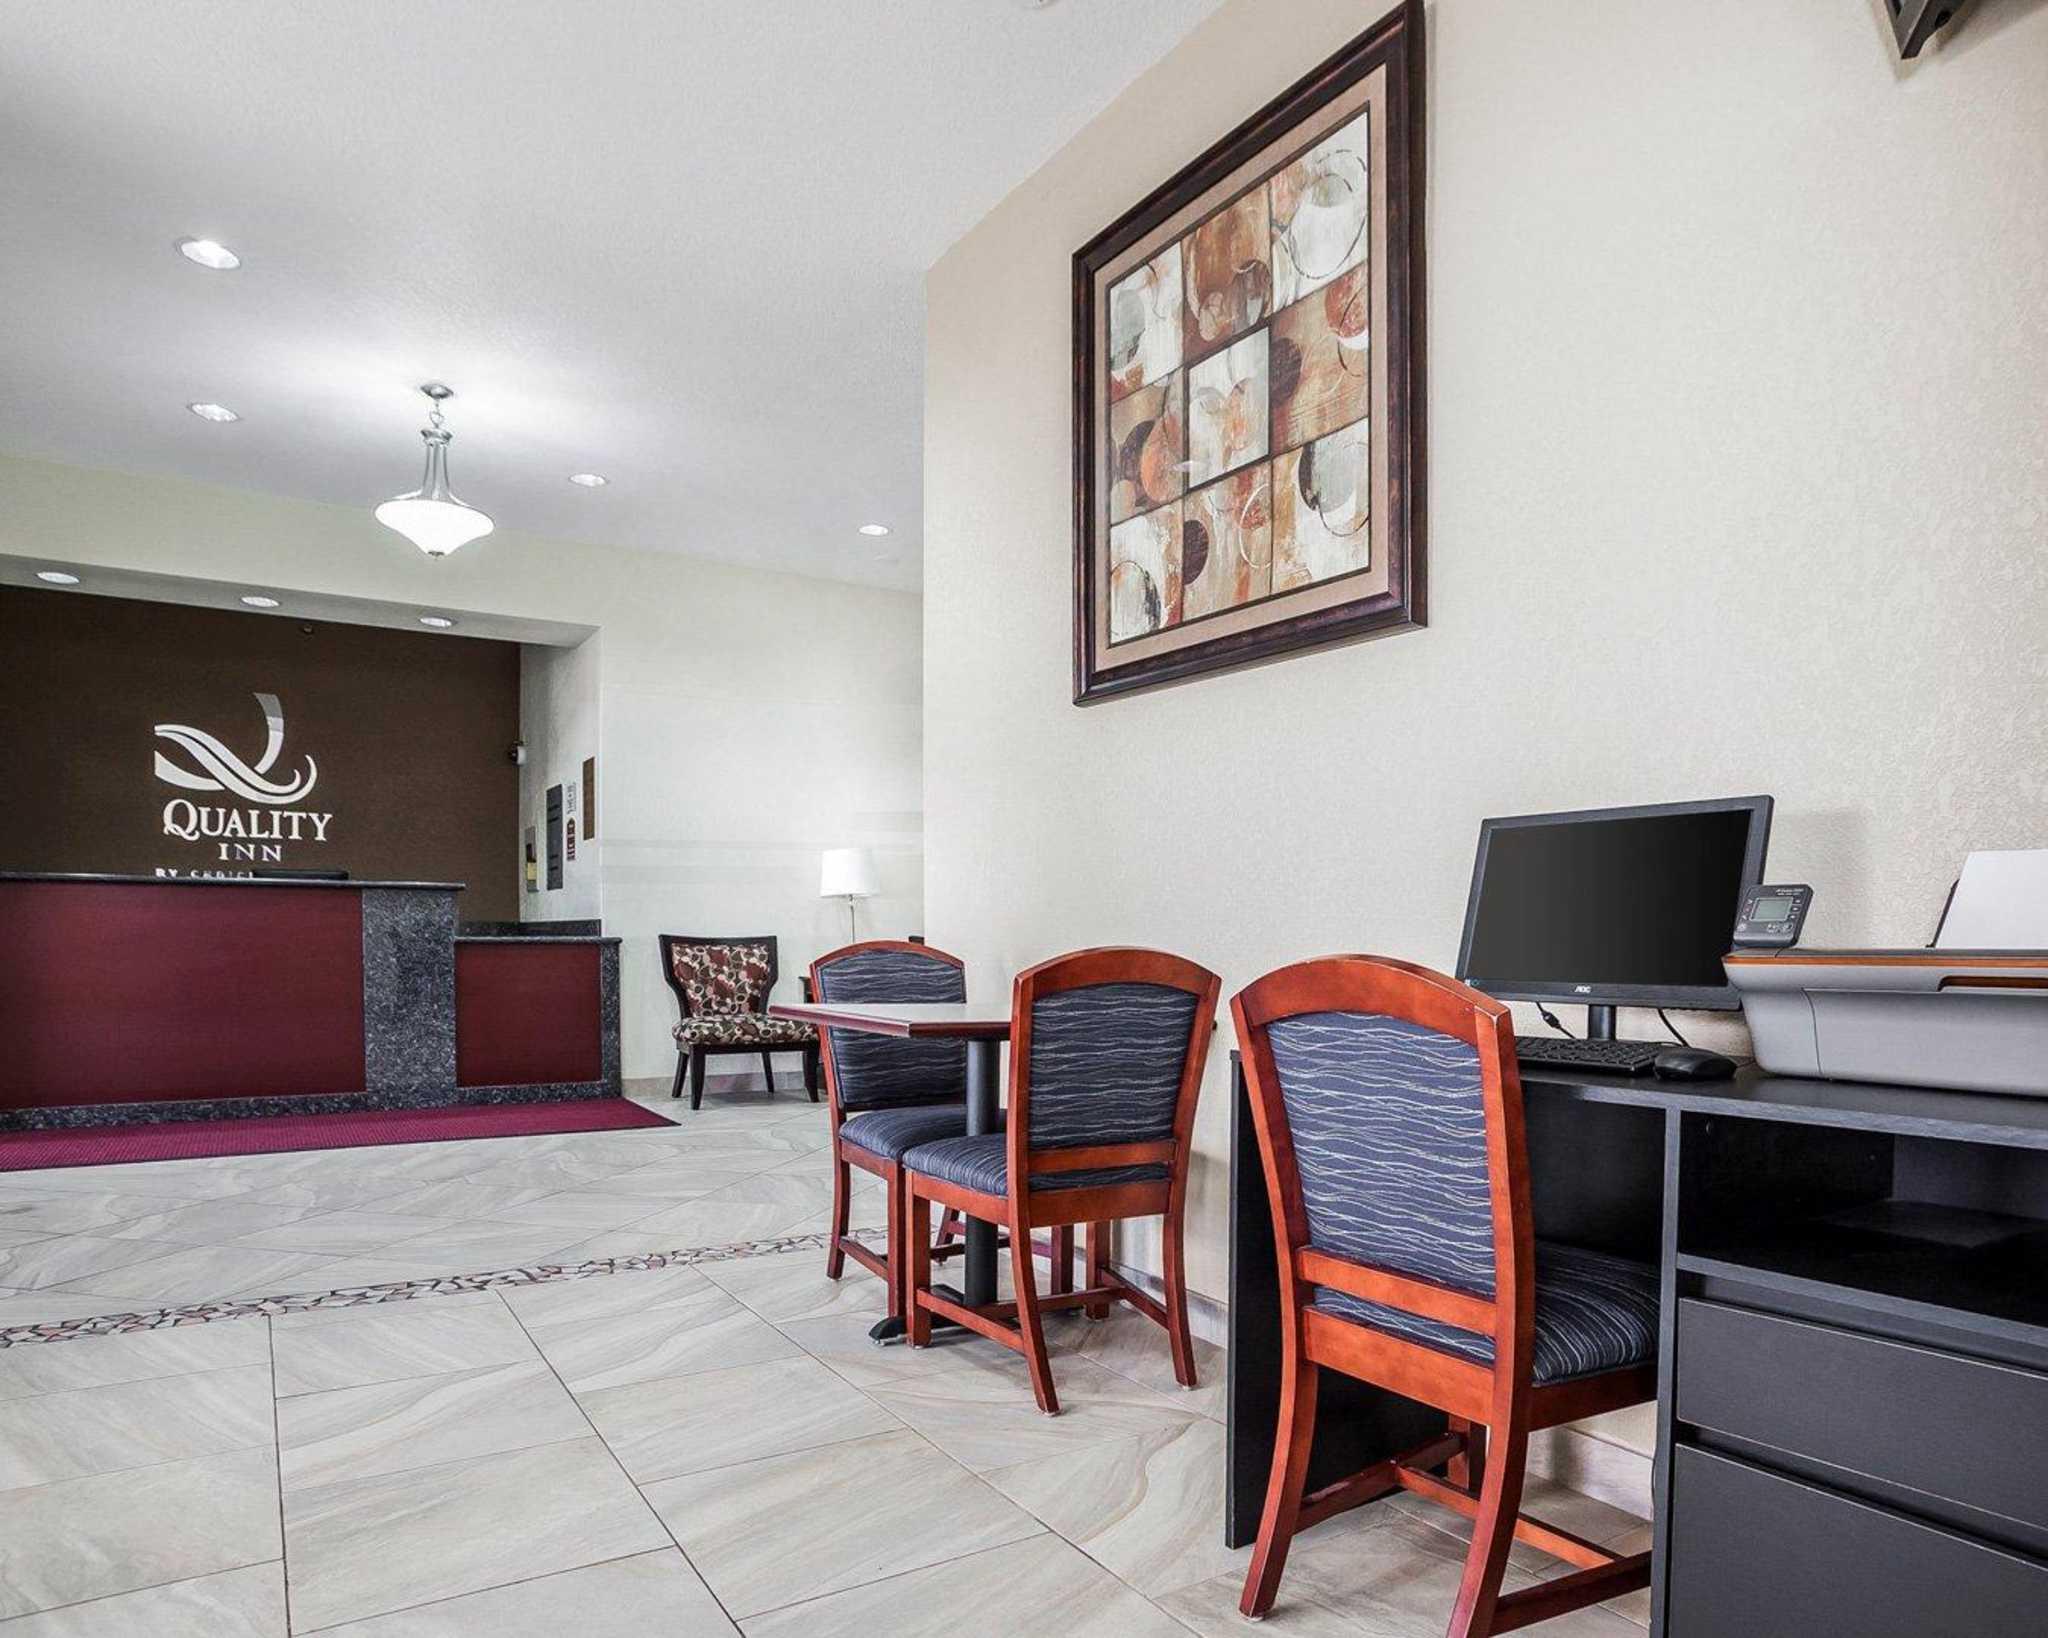 Quality Inn & Suites Altoona - Des Moines image 26